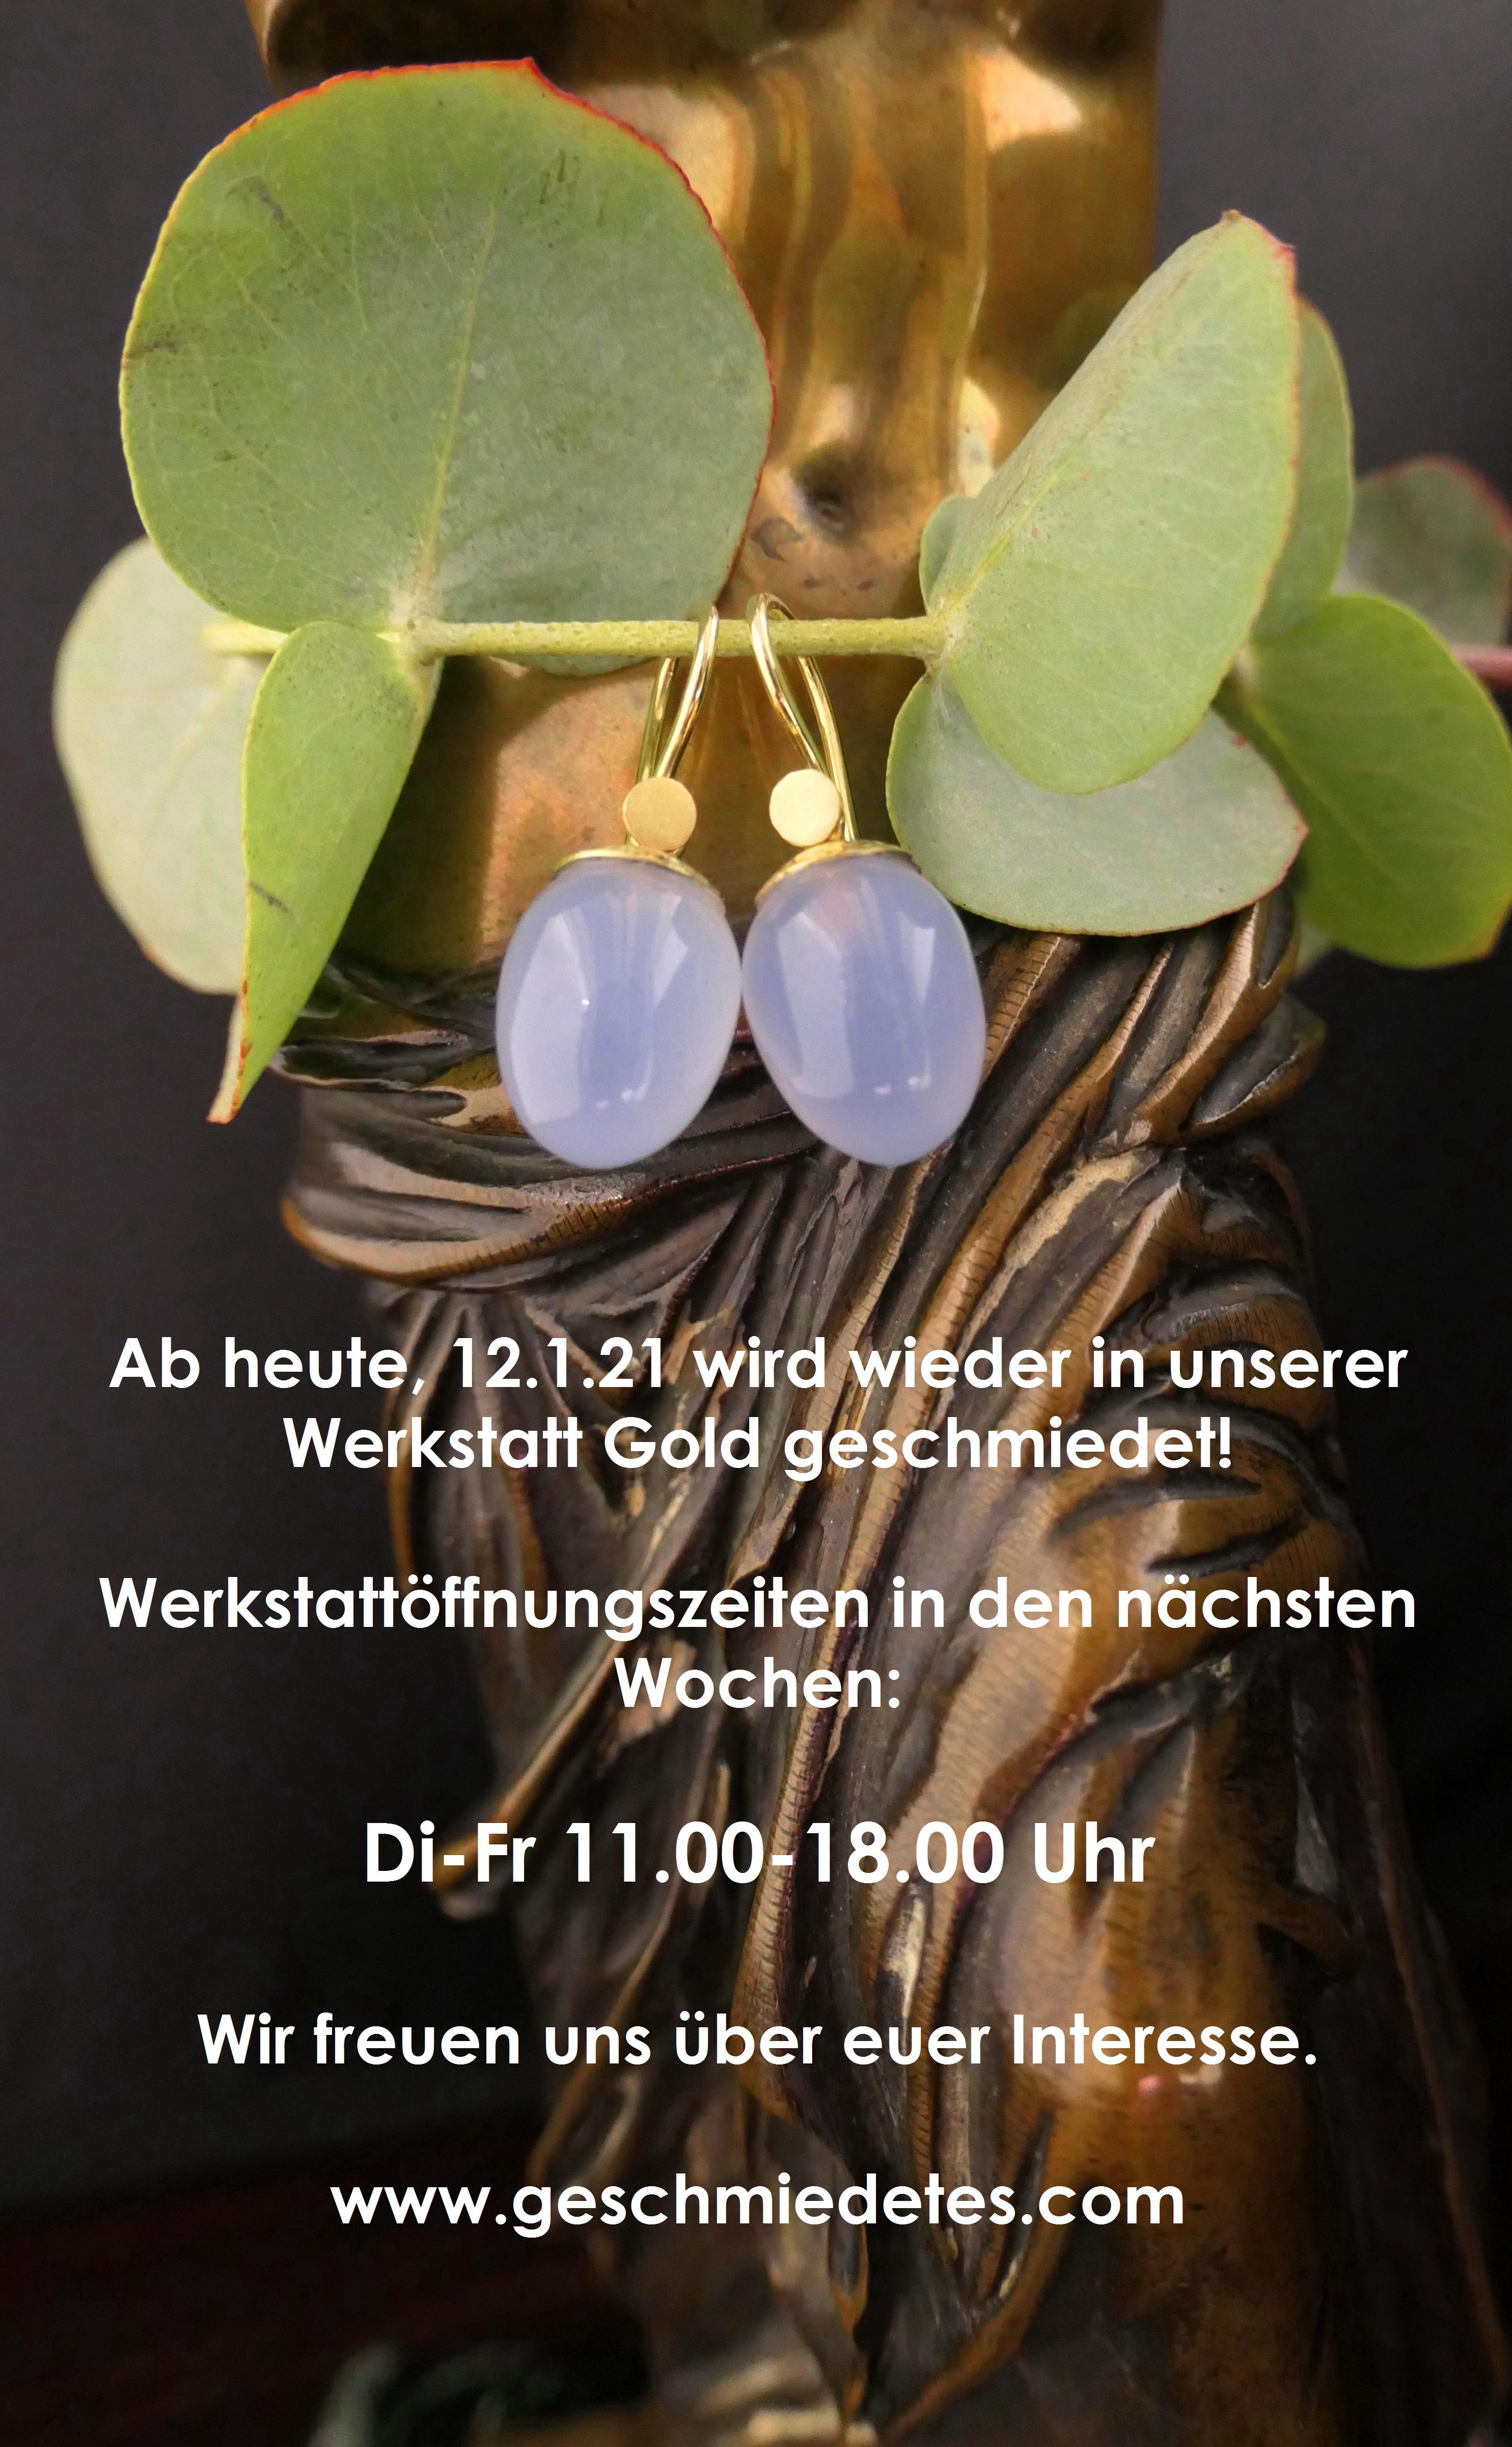 P1000396 - Kopie